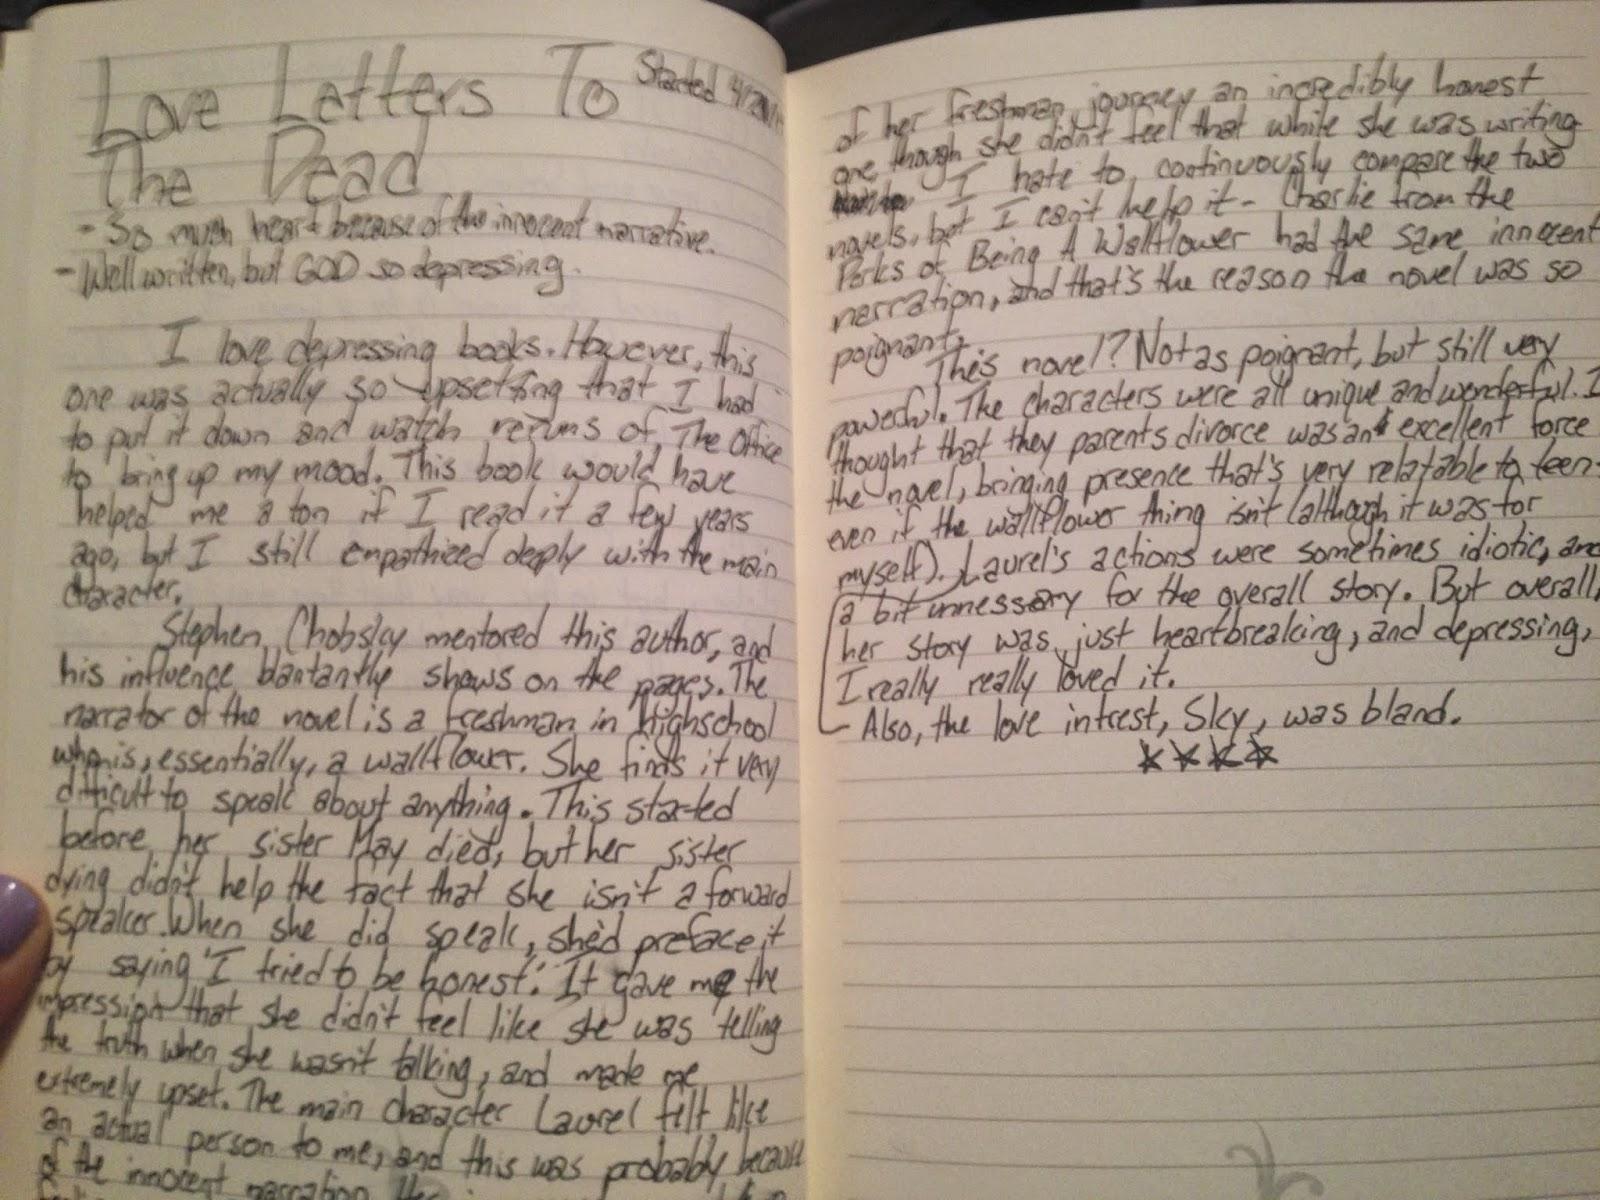 Love Letters To The Dead Ava Dellaira